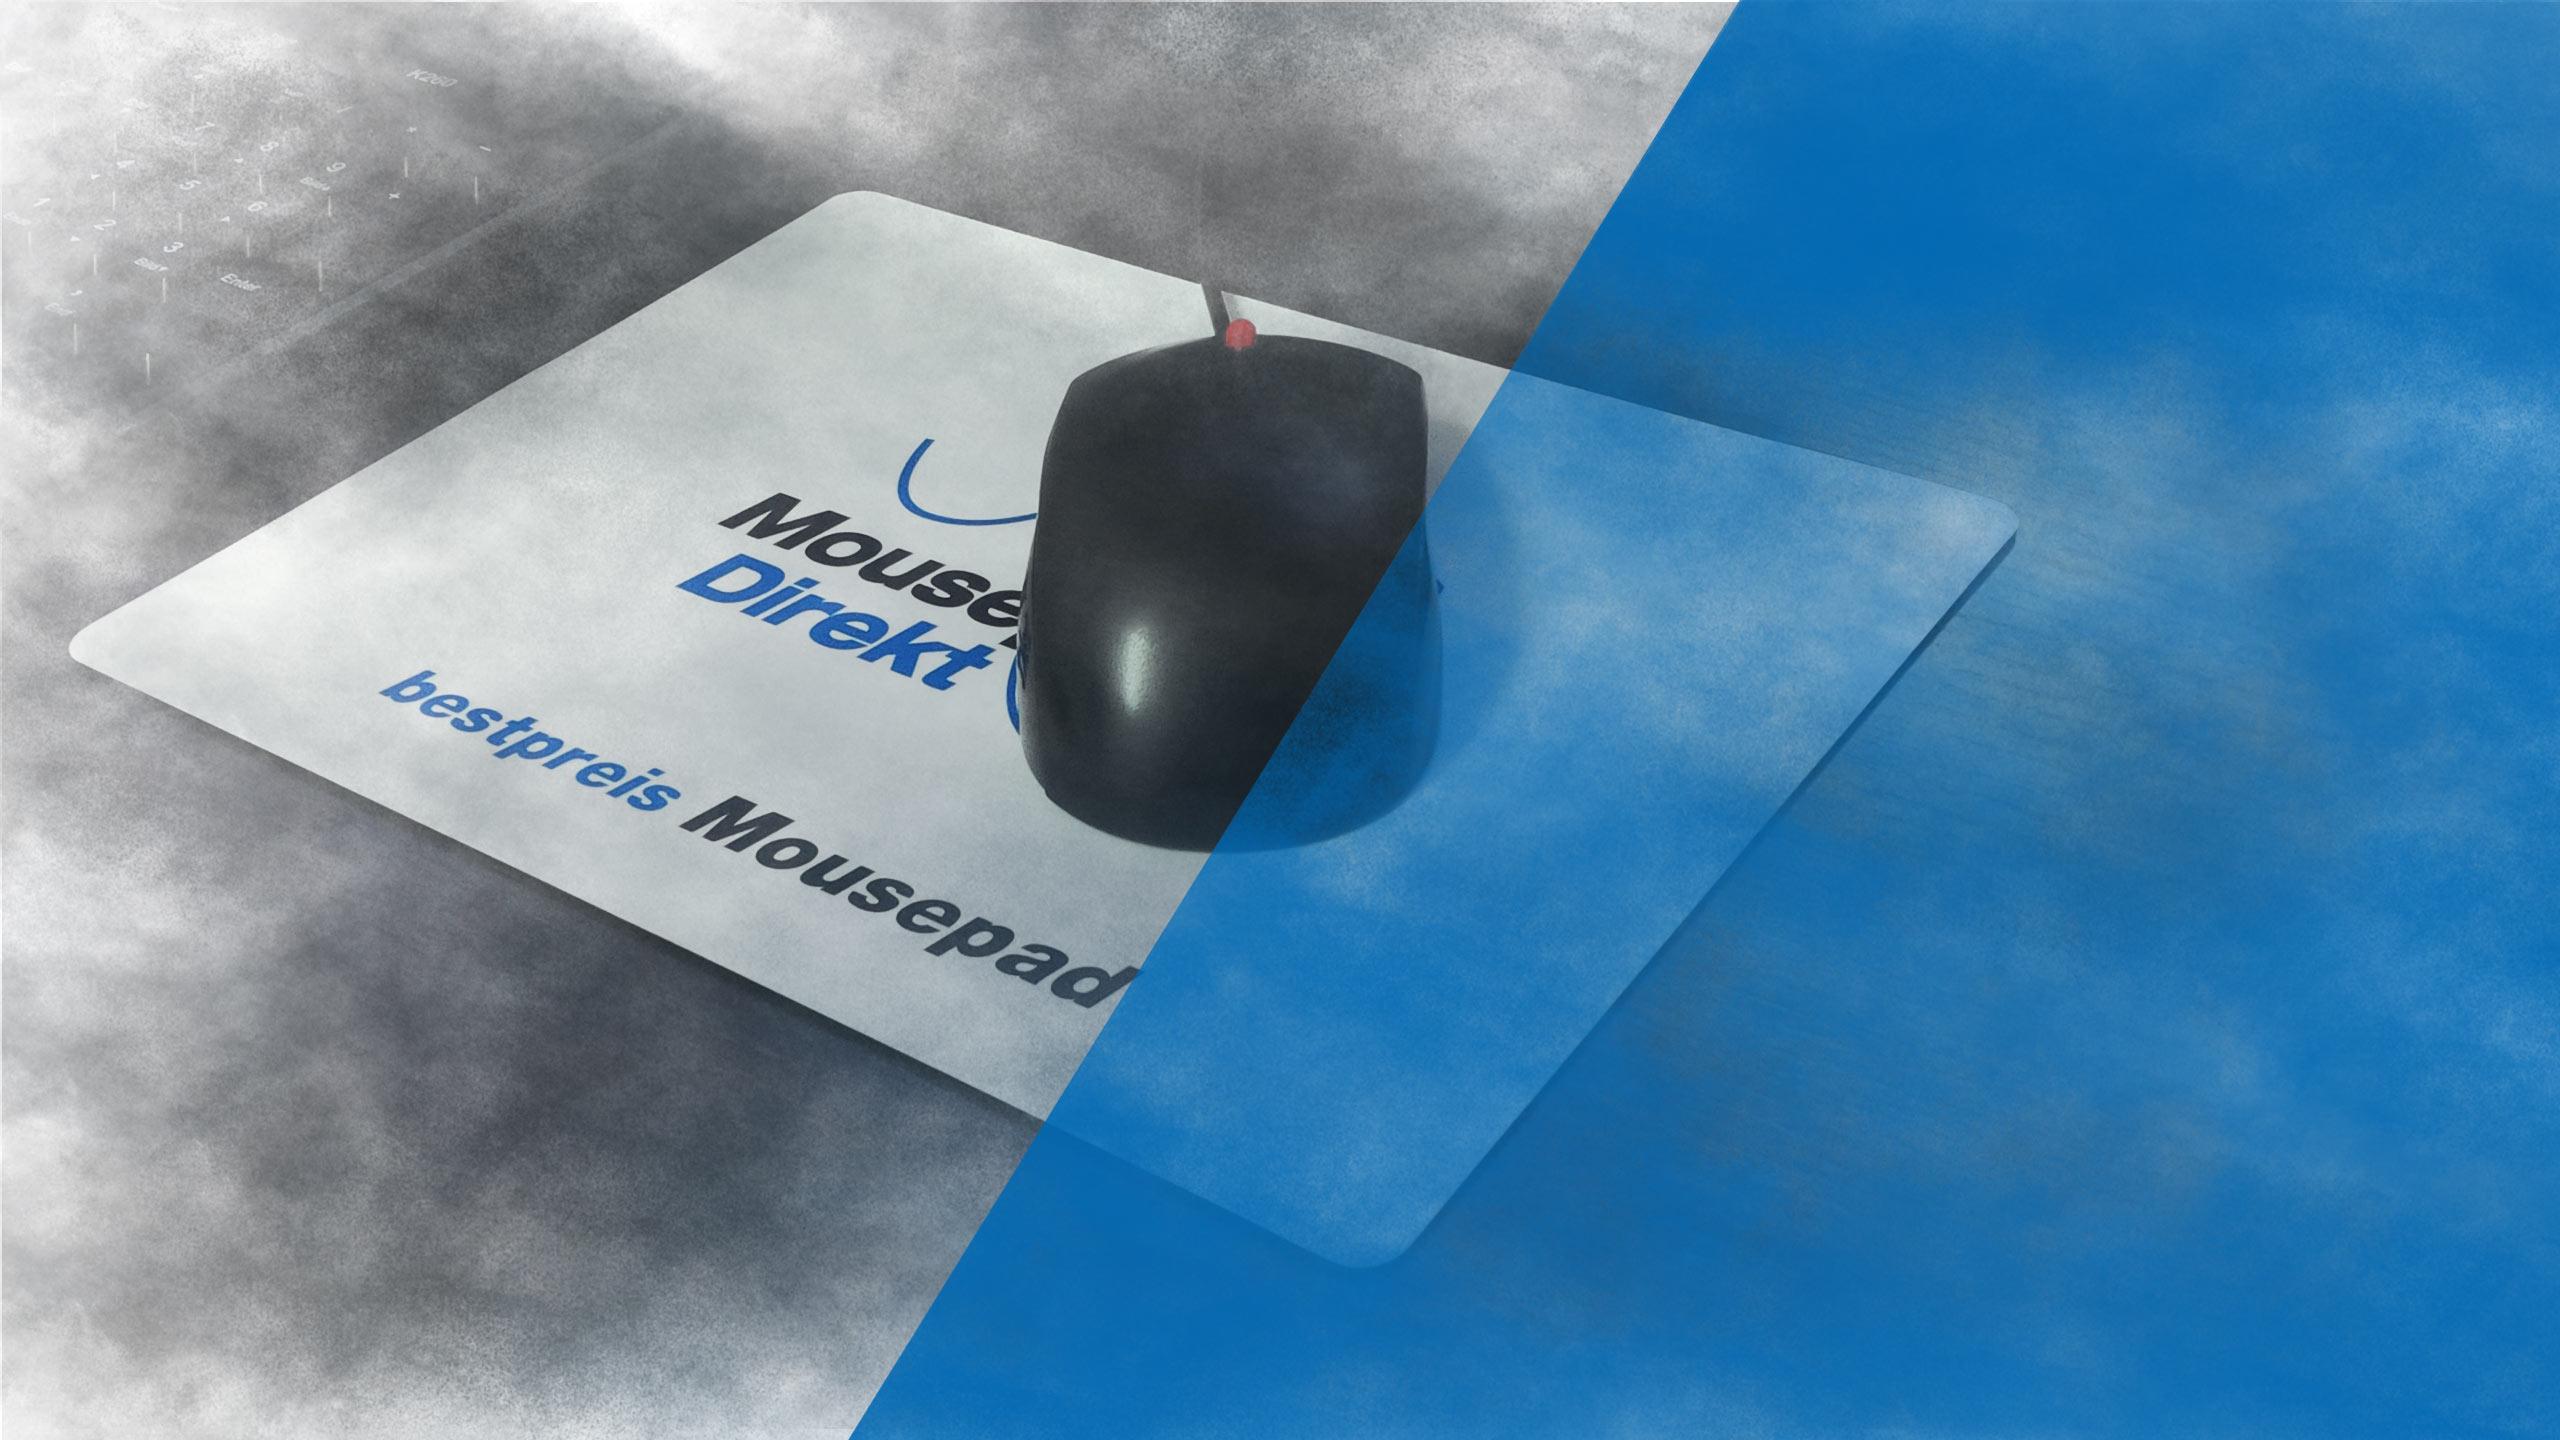 Bestpreis-Mousepads bedrucken lasse